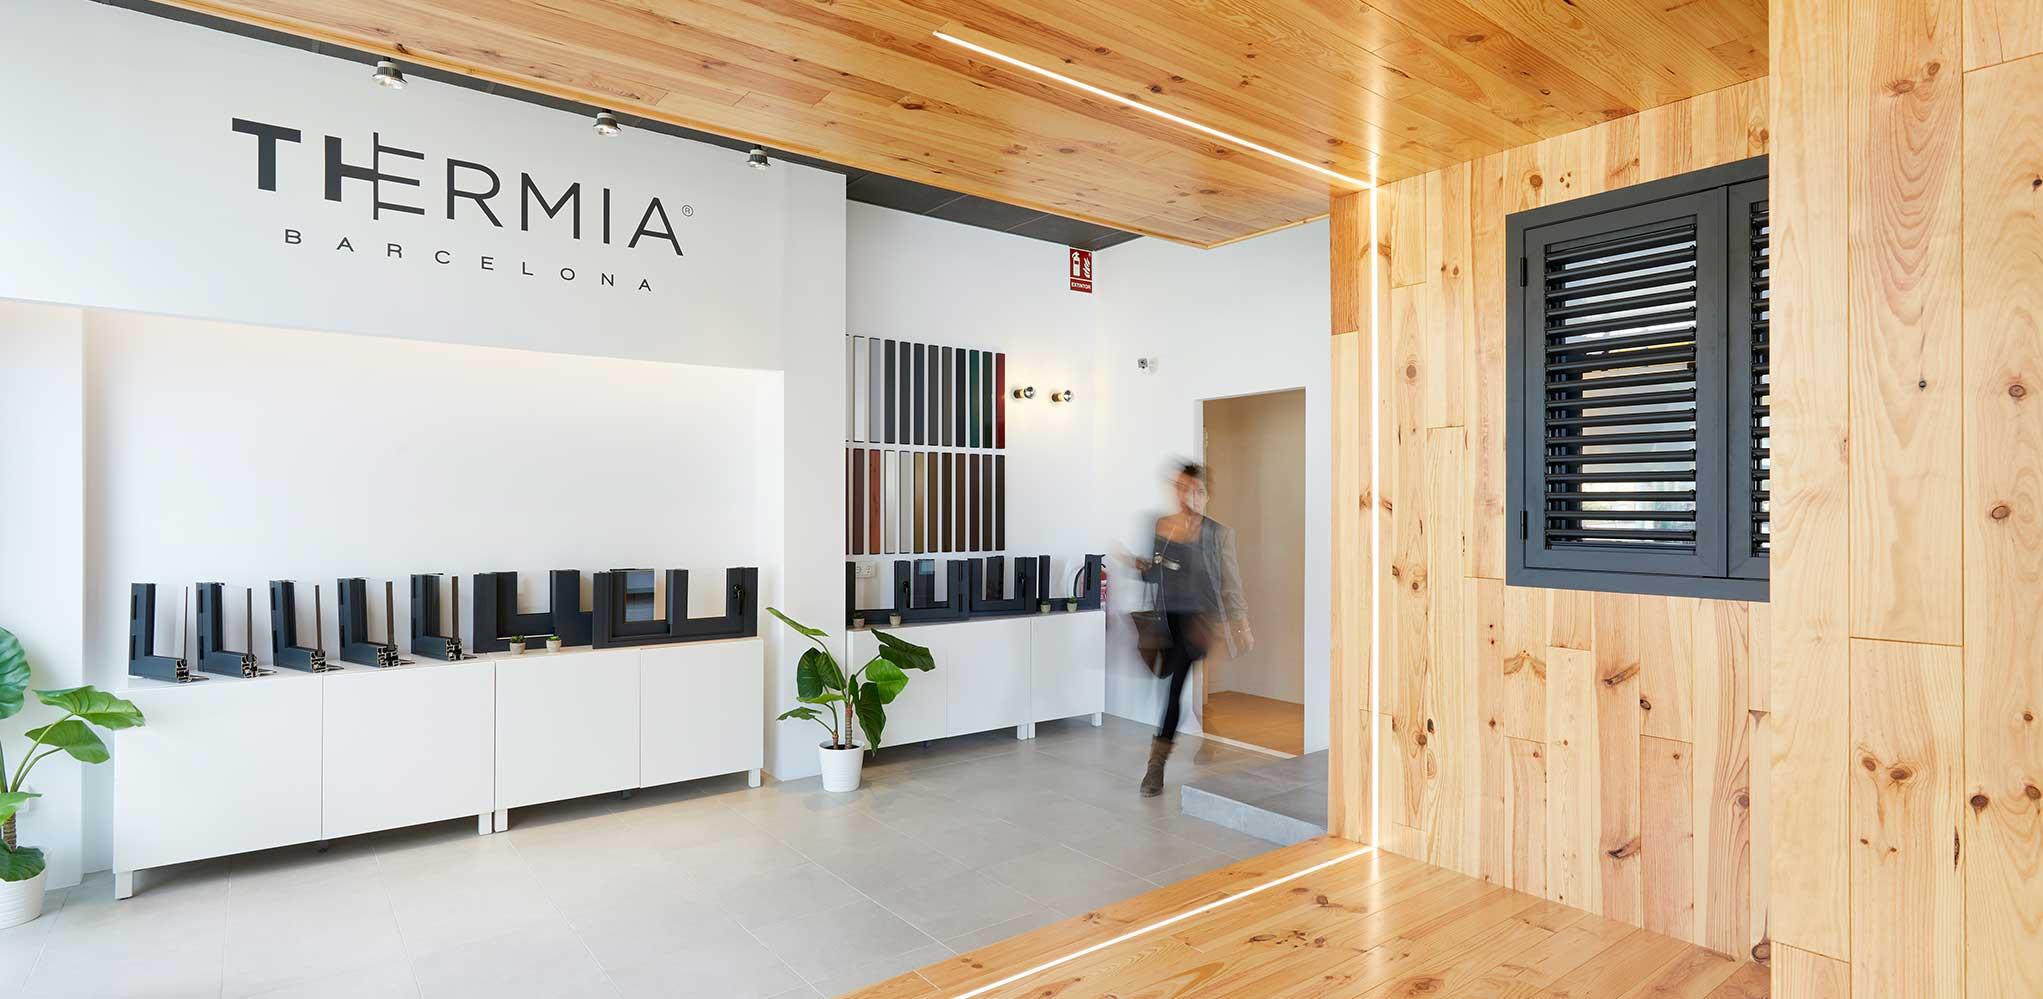 Showroom de ventanas Thermia en Girona, España